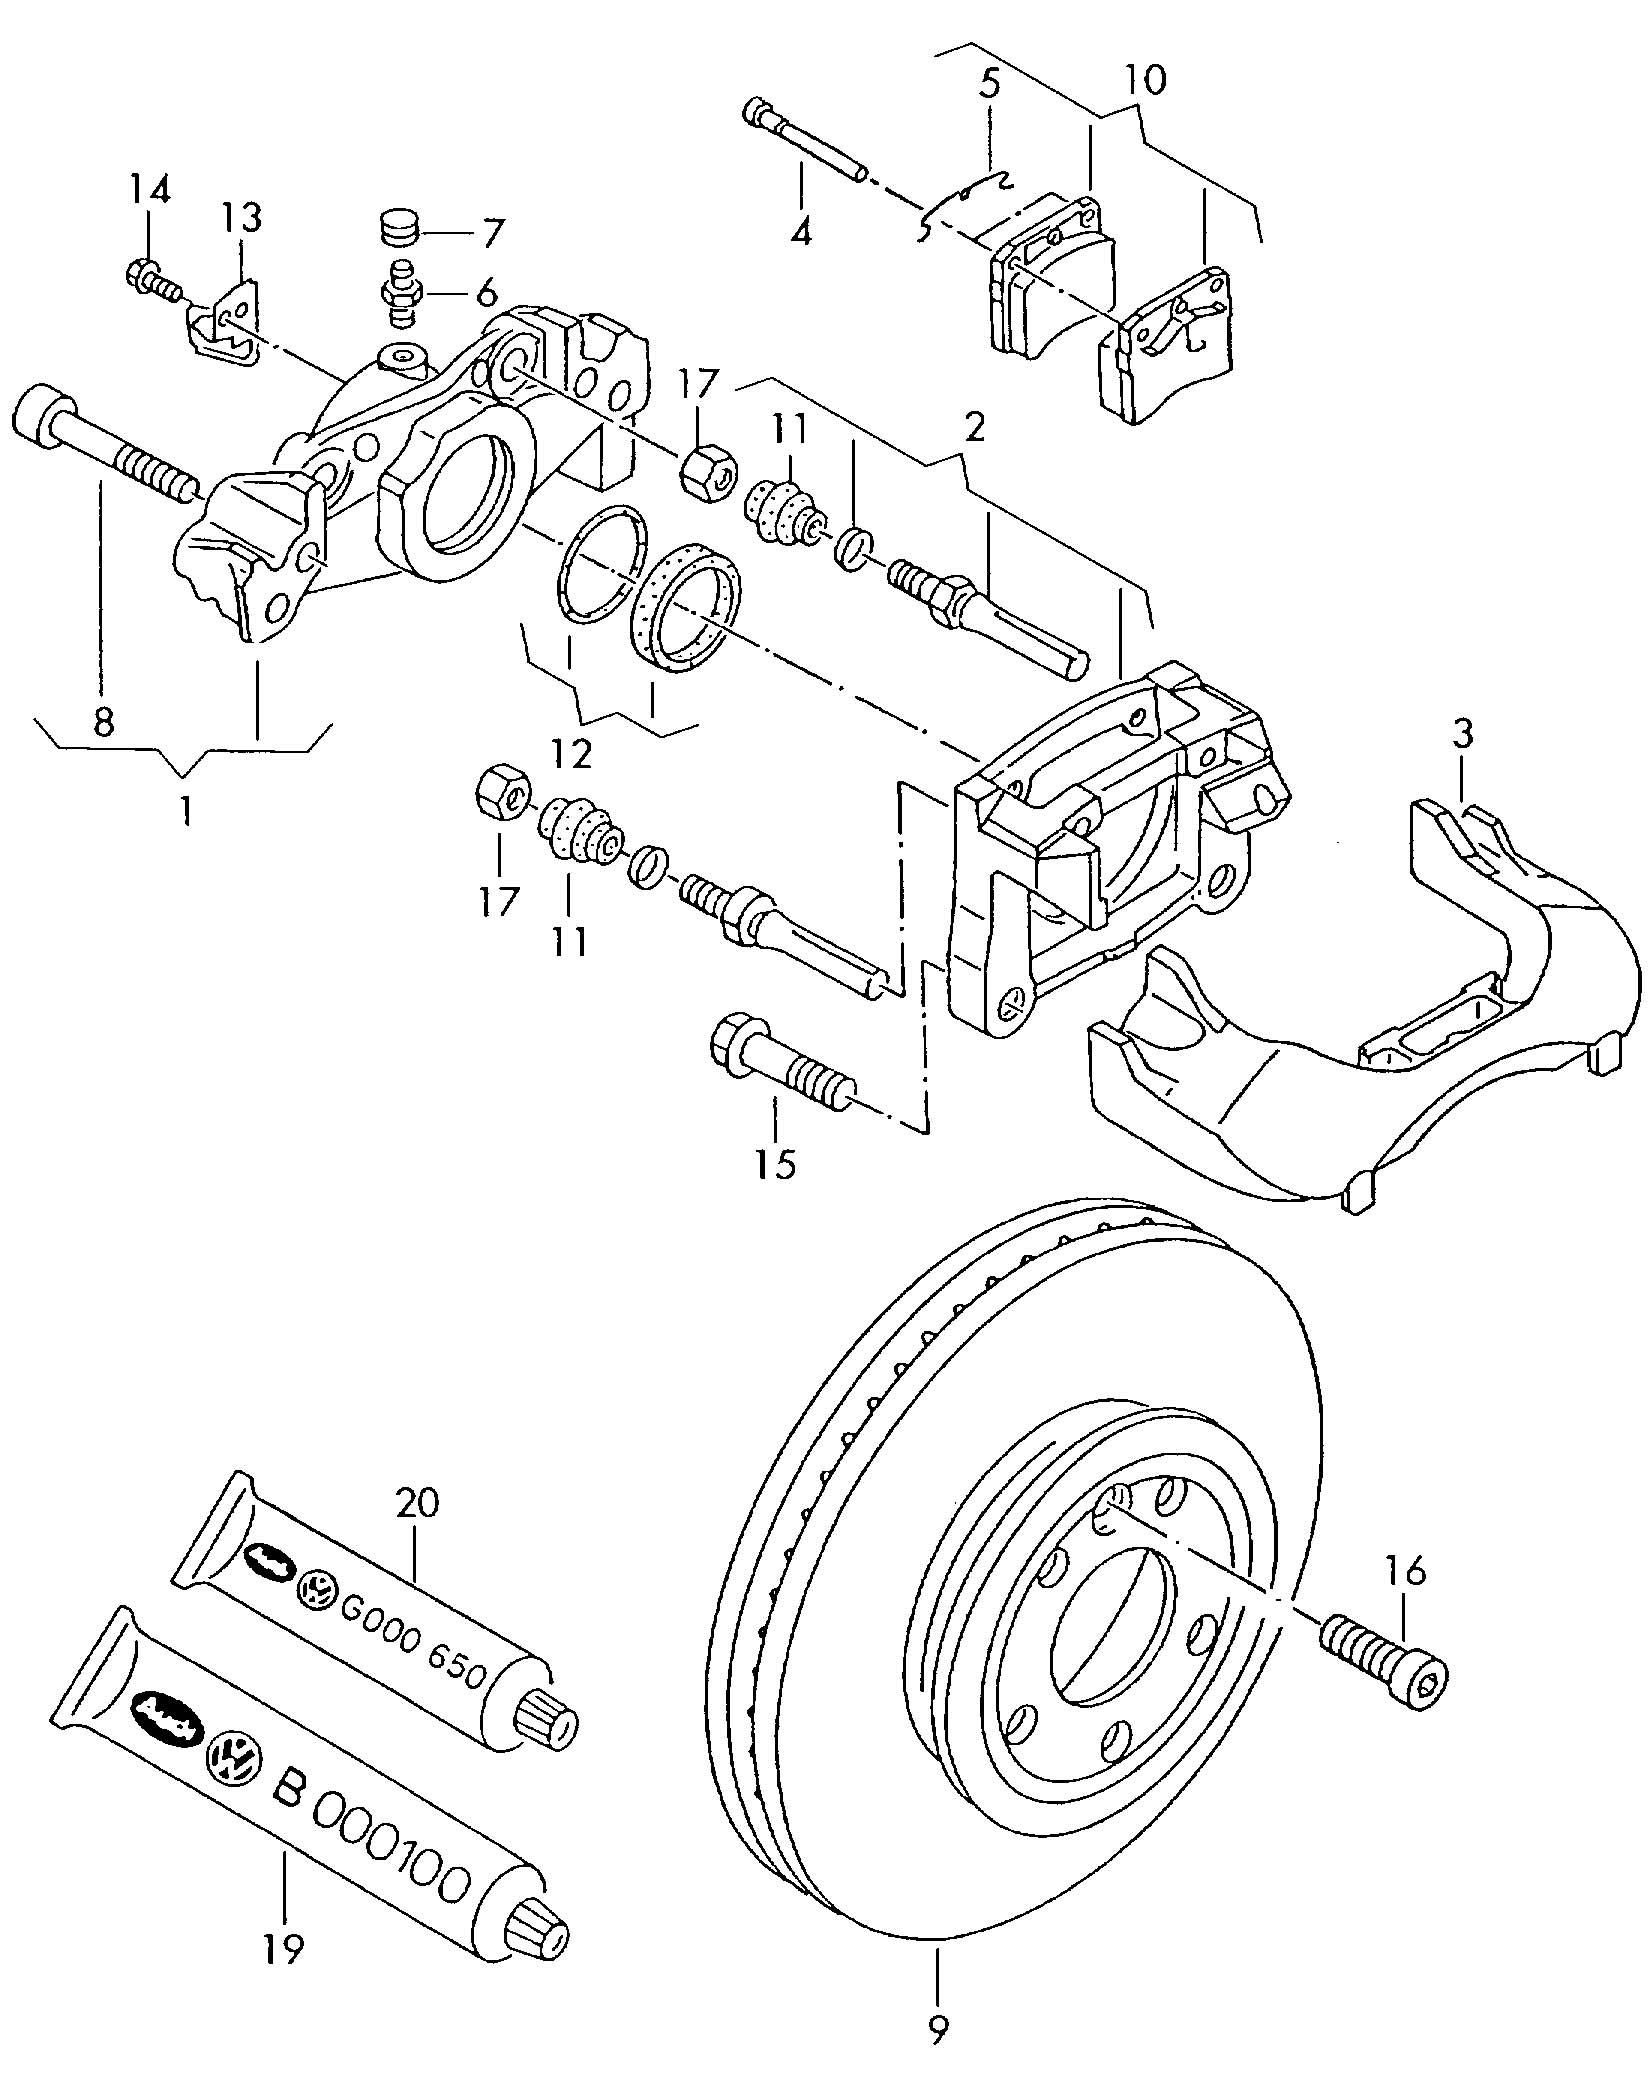 09 volkswagen tiguan engine diagram 09 automotive wiring diagrams description 230615350 volkswagen tiguan engine diagram